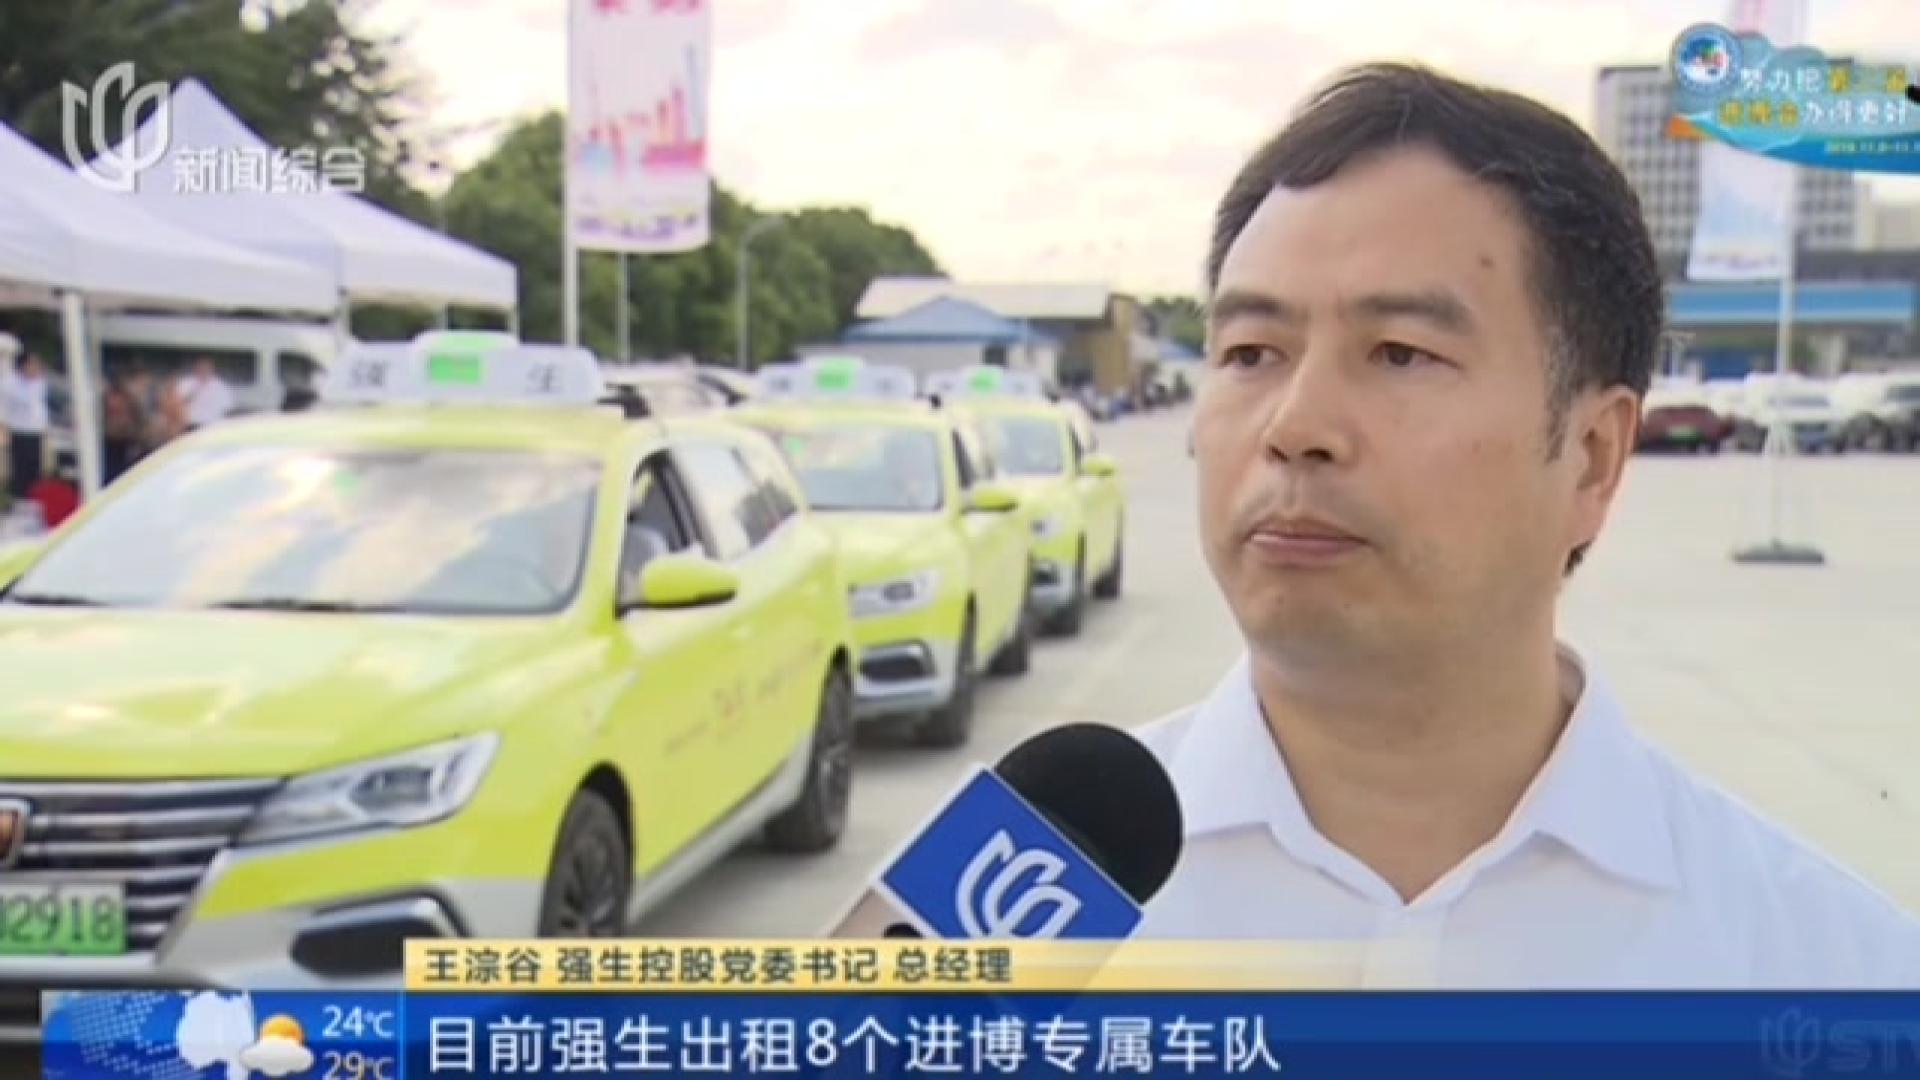 出租车行业:强生千辆新能源车今投运